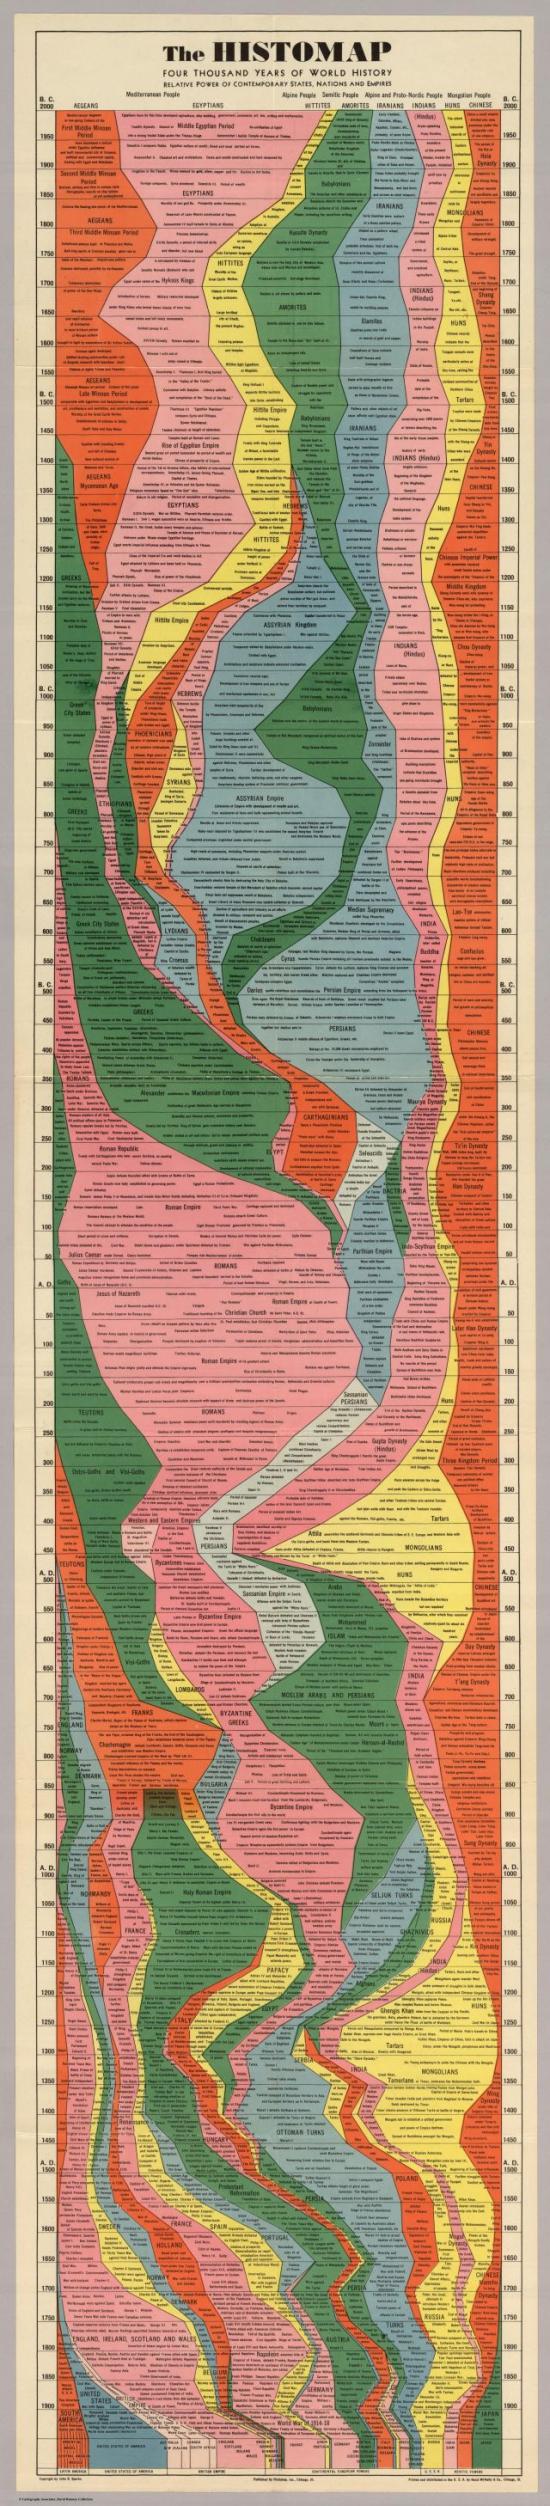 График 4000 лет, таймфрейм 50 лет